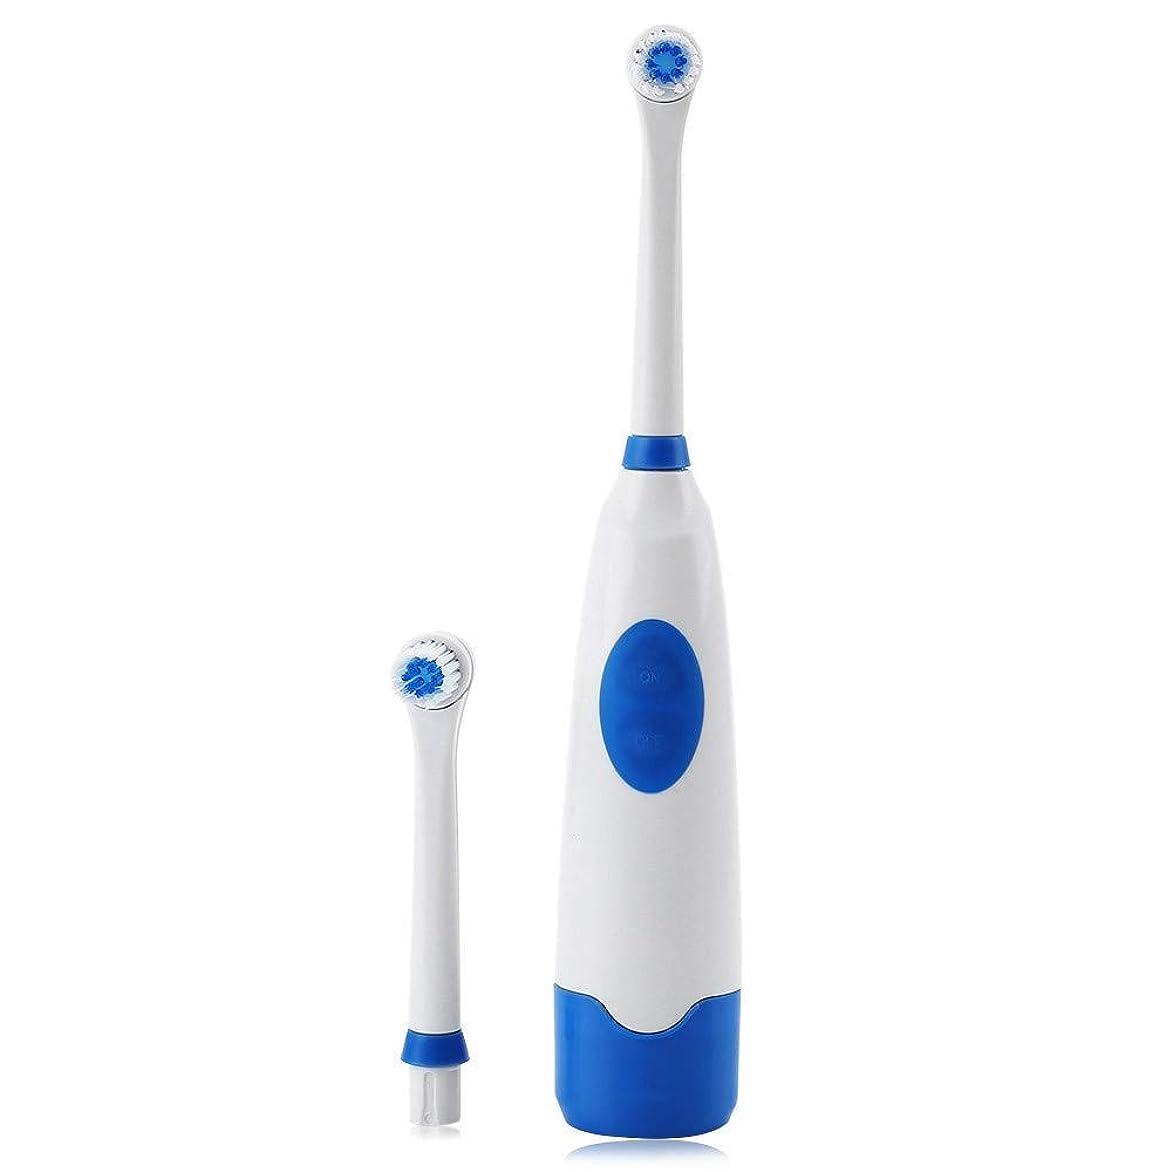 解読するパッチ煙電動歯ブラシ電動口腔衛生歯ブラシ2本付き